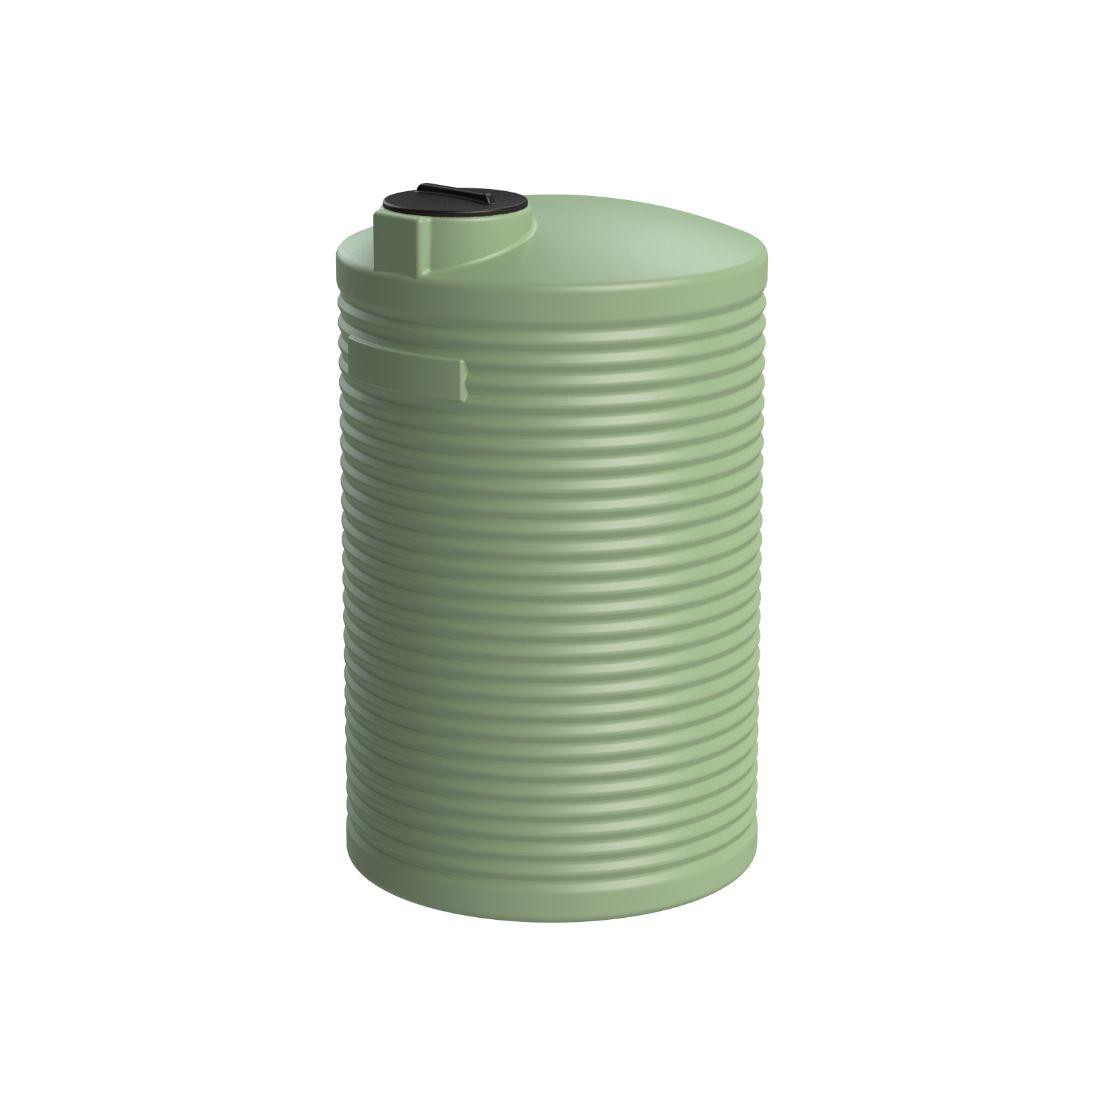 5000L Water Tank Mist Green